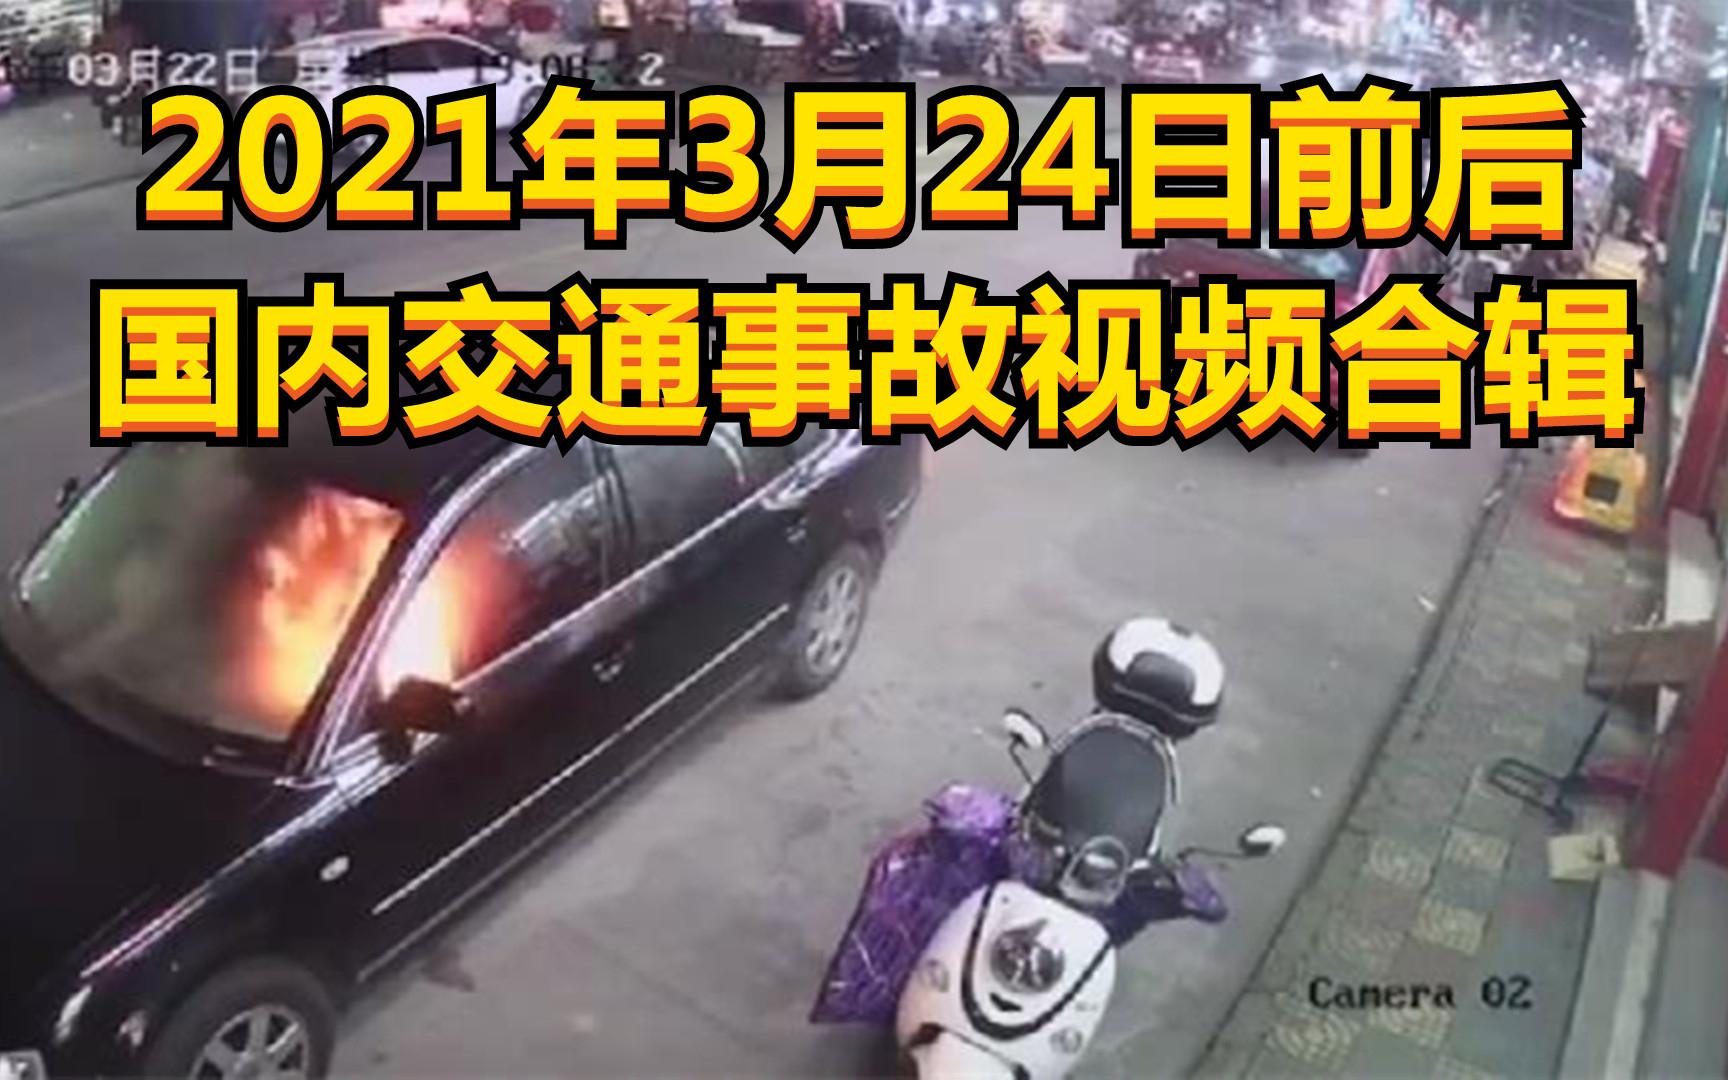 2021年3月24日前后国内交通事故视频合辑